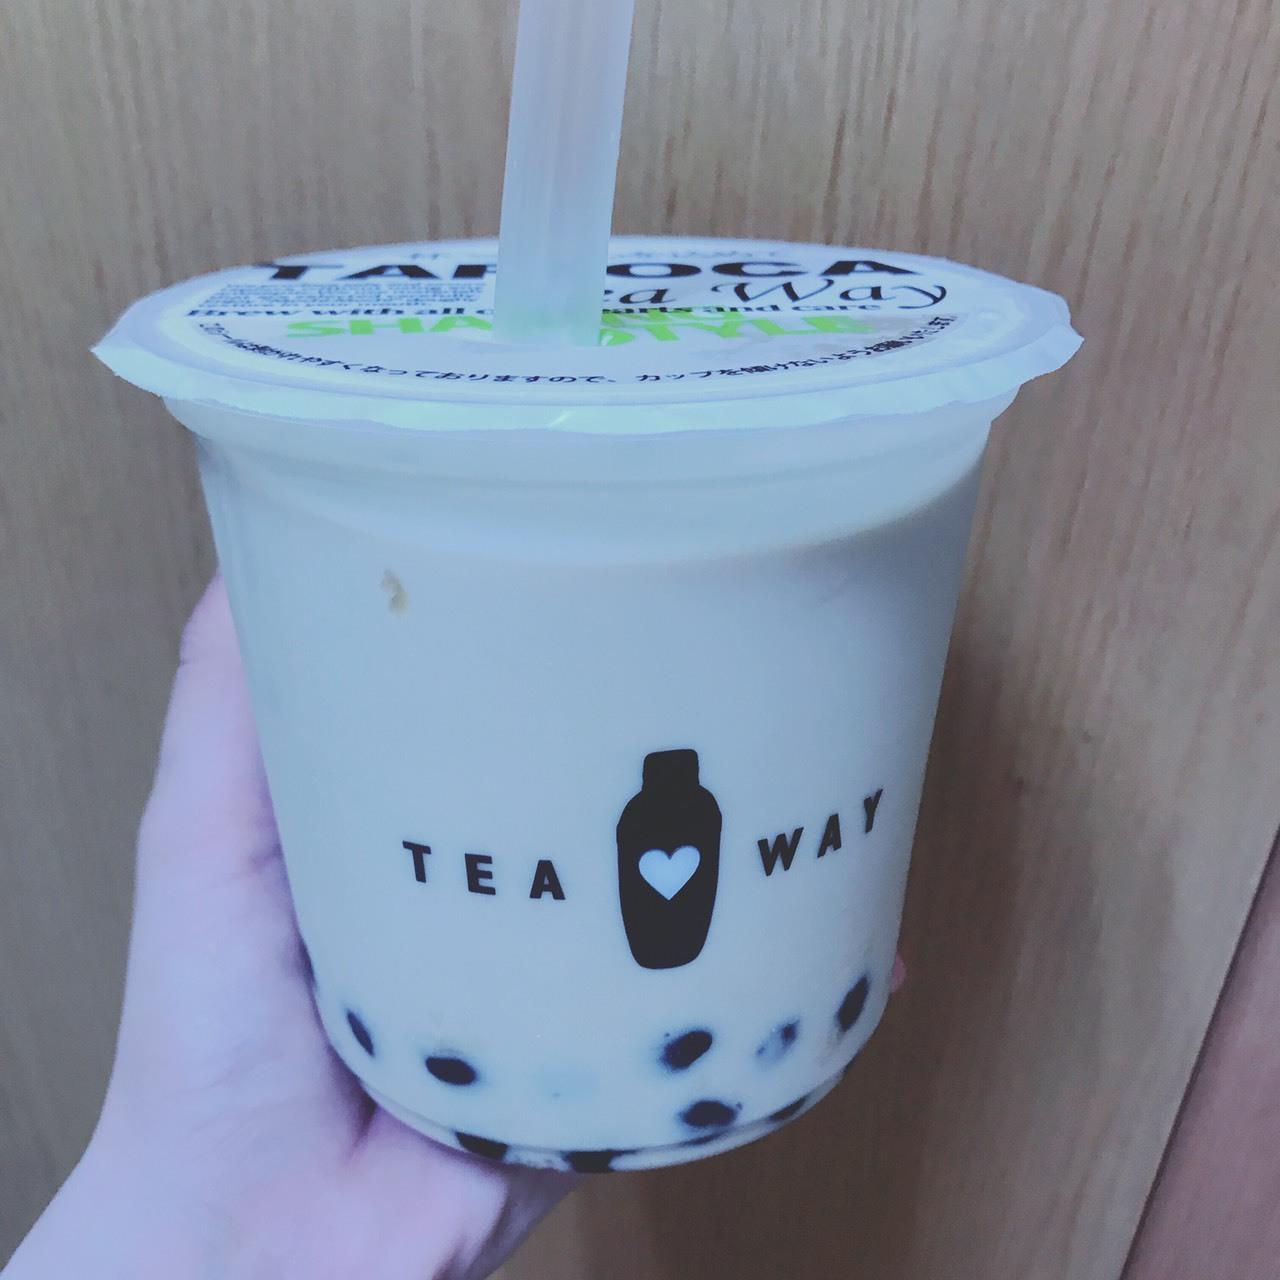 【タピオカ開拓!初Tea Way】_1_3